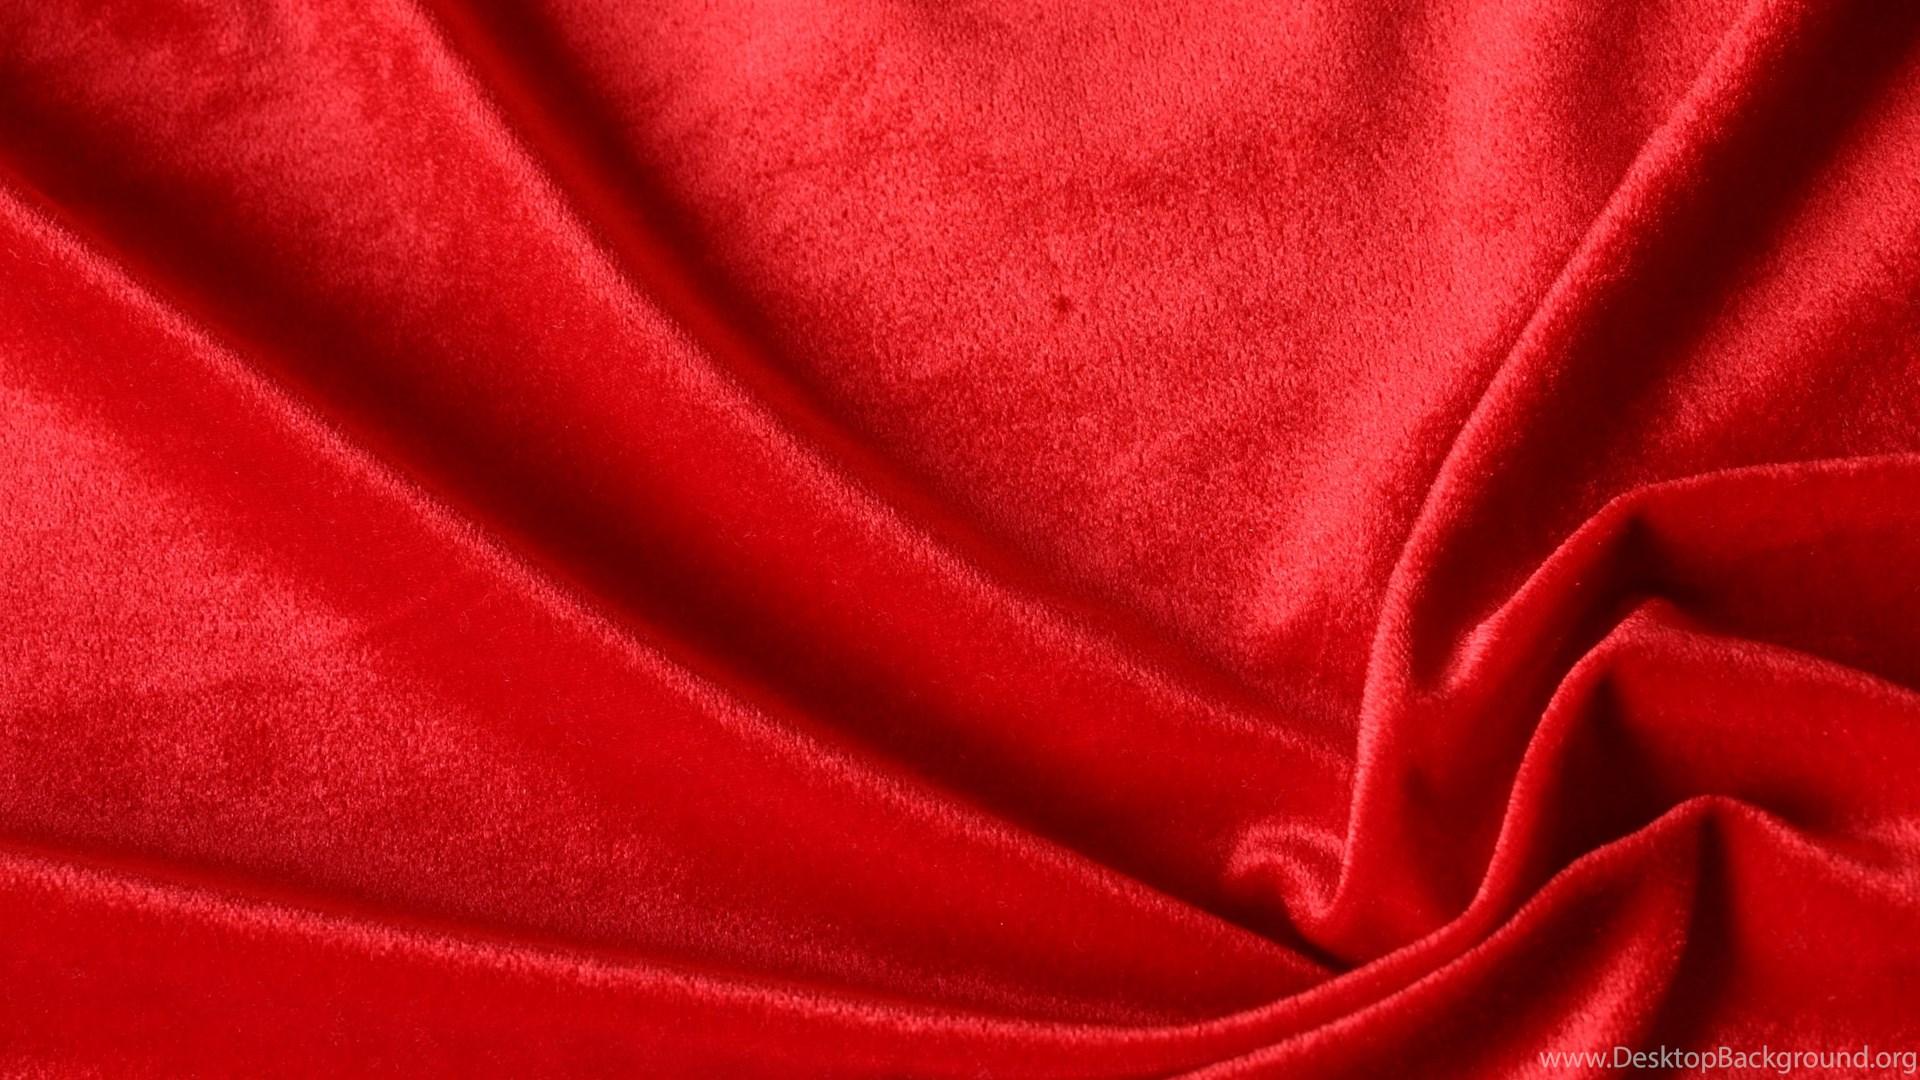 Red Velvet Wallpapers All Wallpapers New Desktop Background